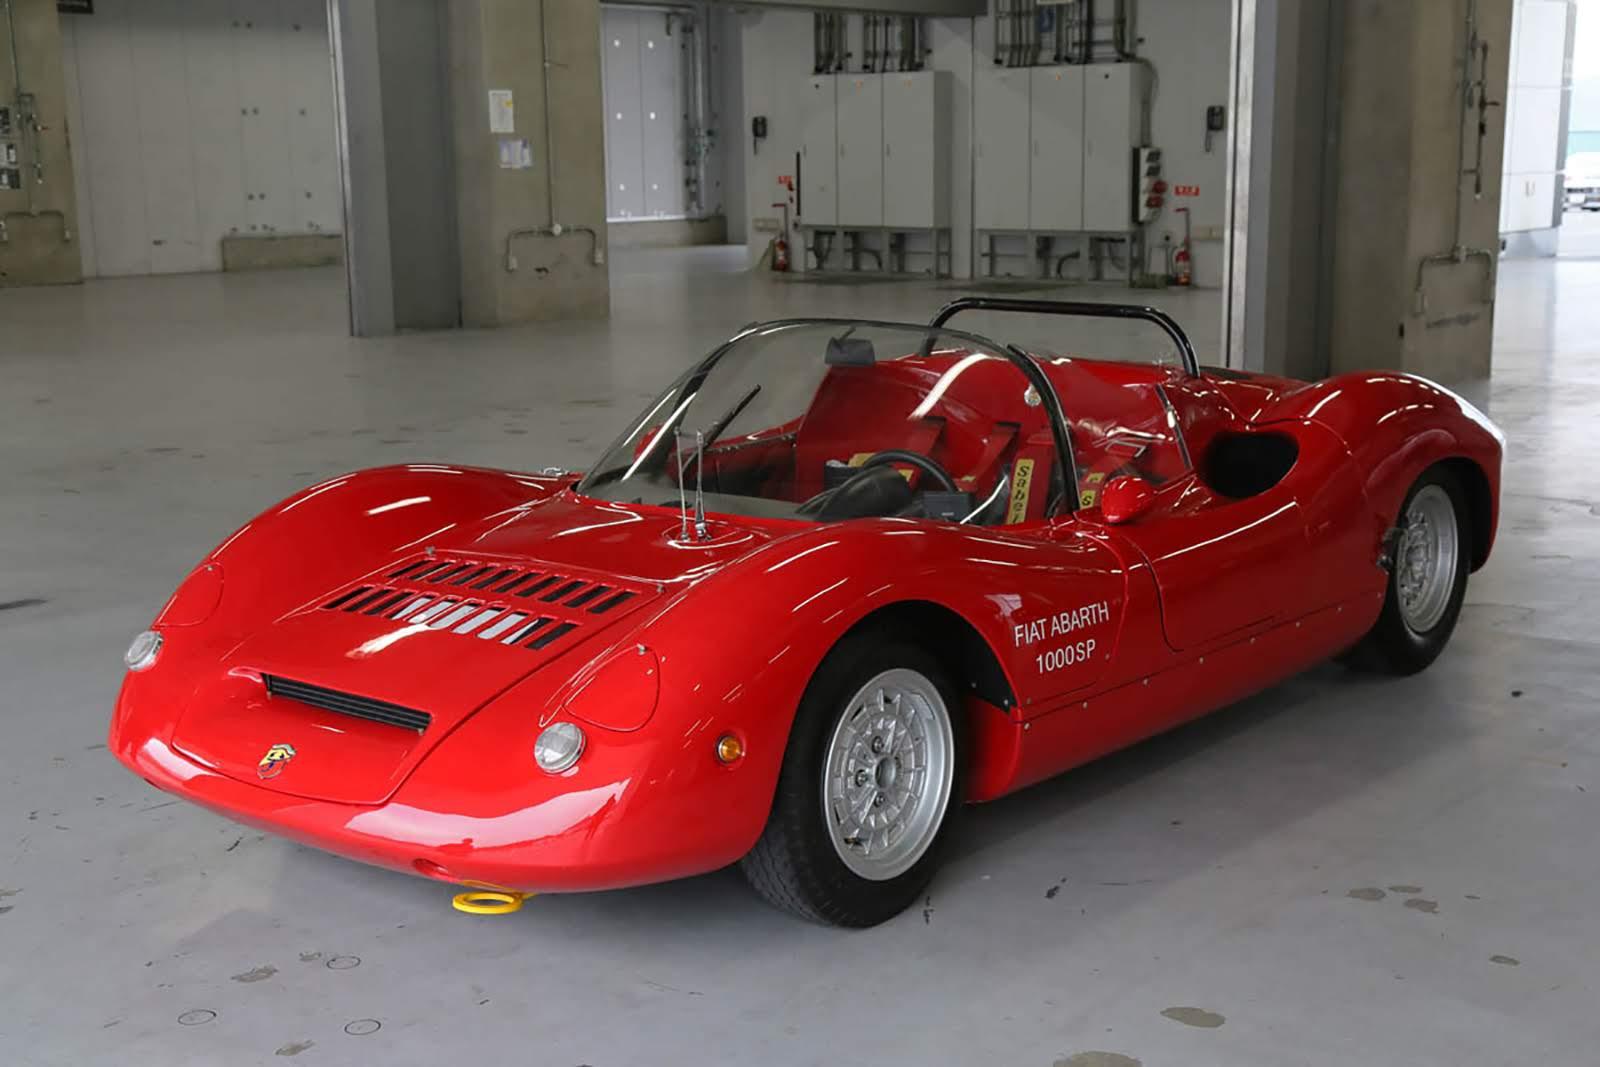 1965 FIAT ABARTH 1000 SP |アバルトの歴史を刻んだモデル No.048